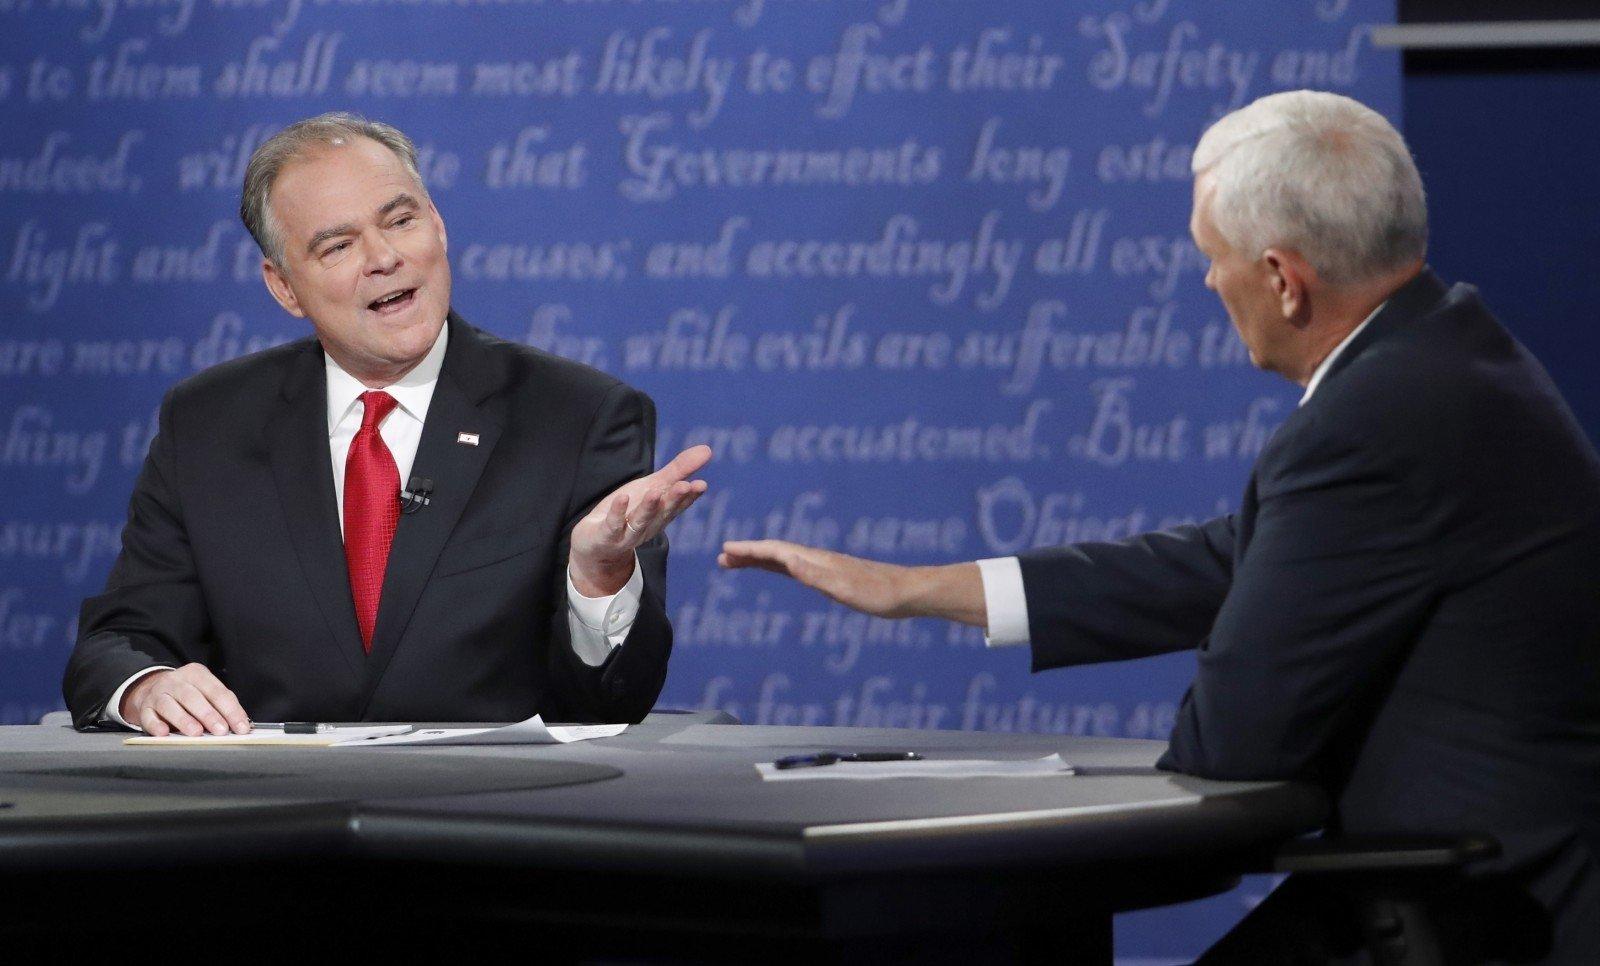 Кандидат ввице-президенты США отреспубликанцев придумал пословицу орусском медведе